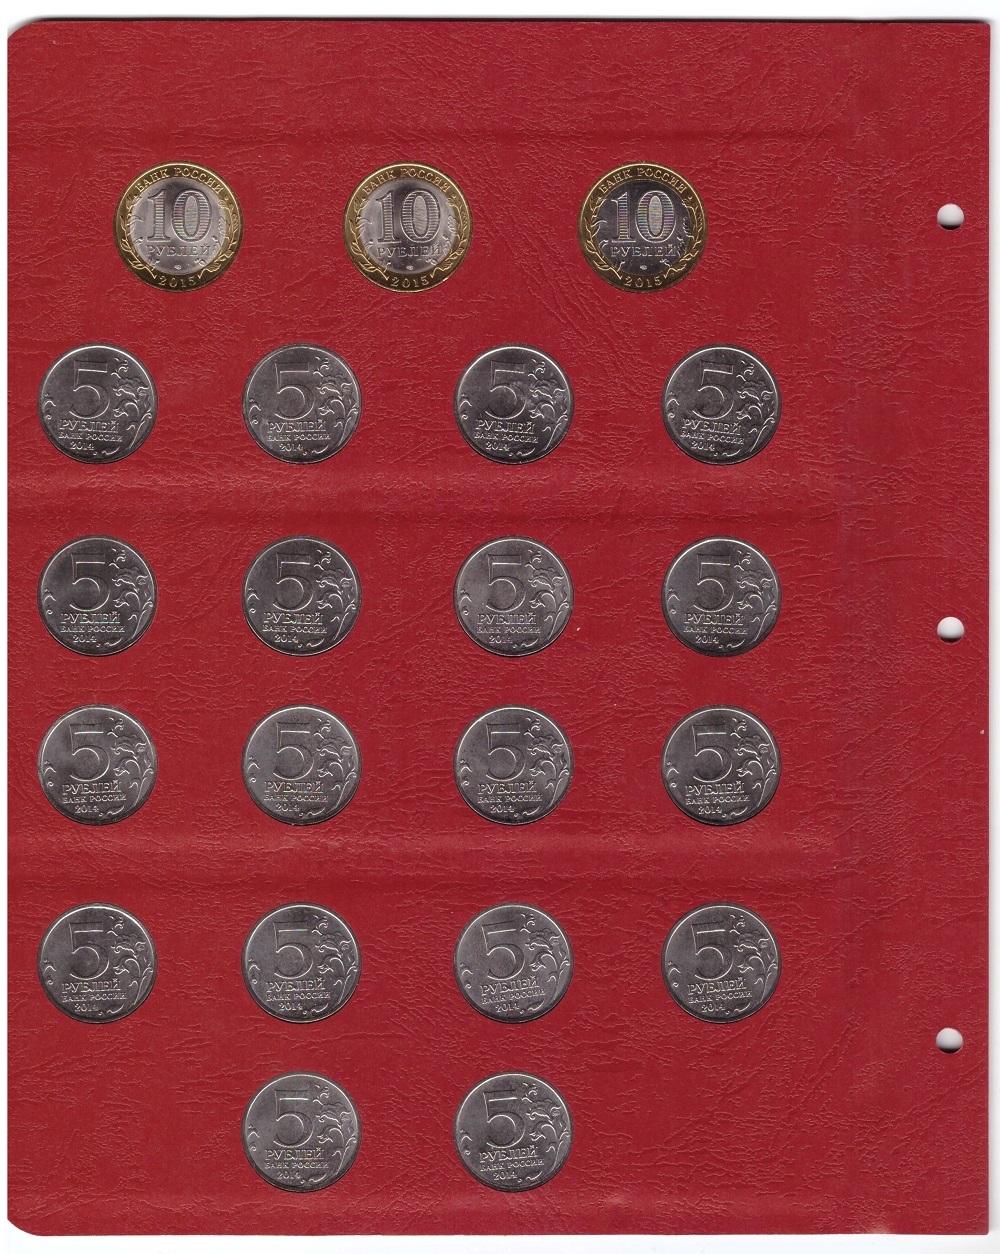 Лист для монет 70 лет Победы в Великой Отечественной войне - 2